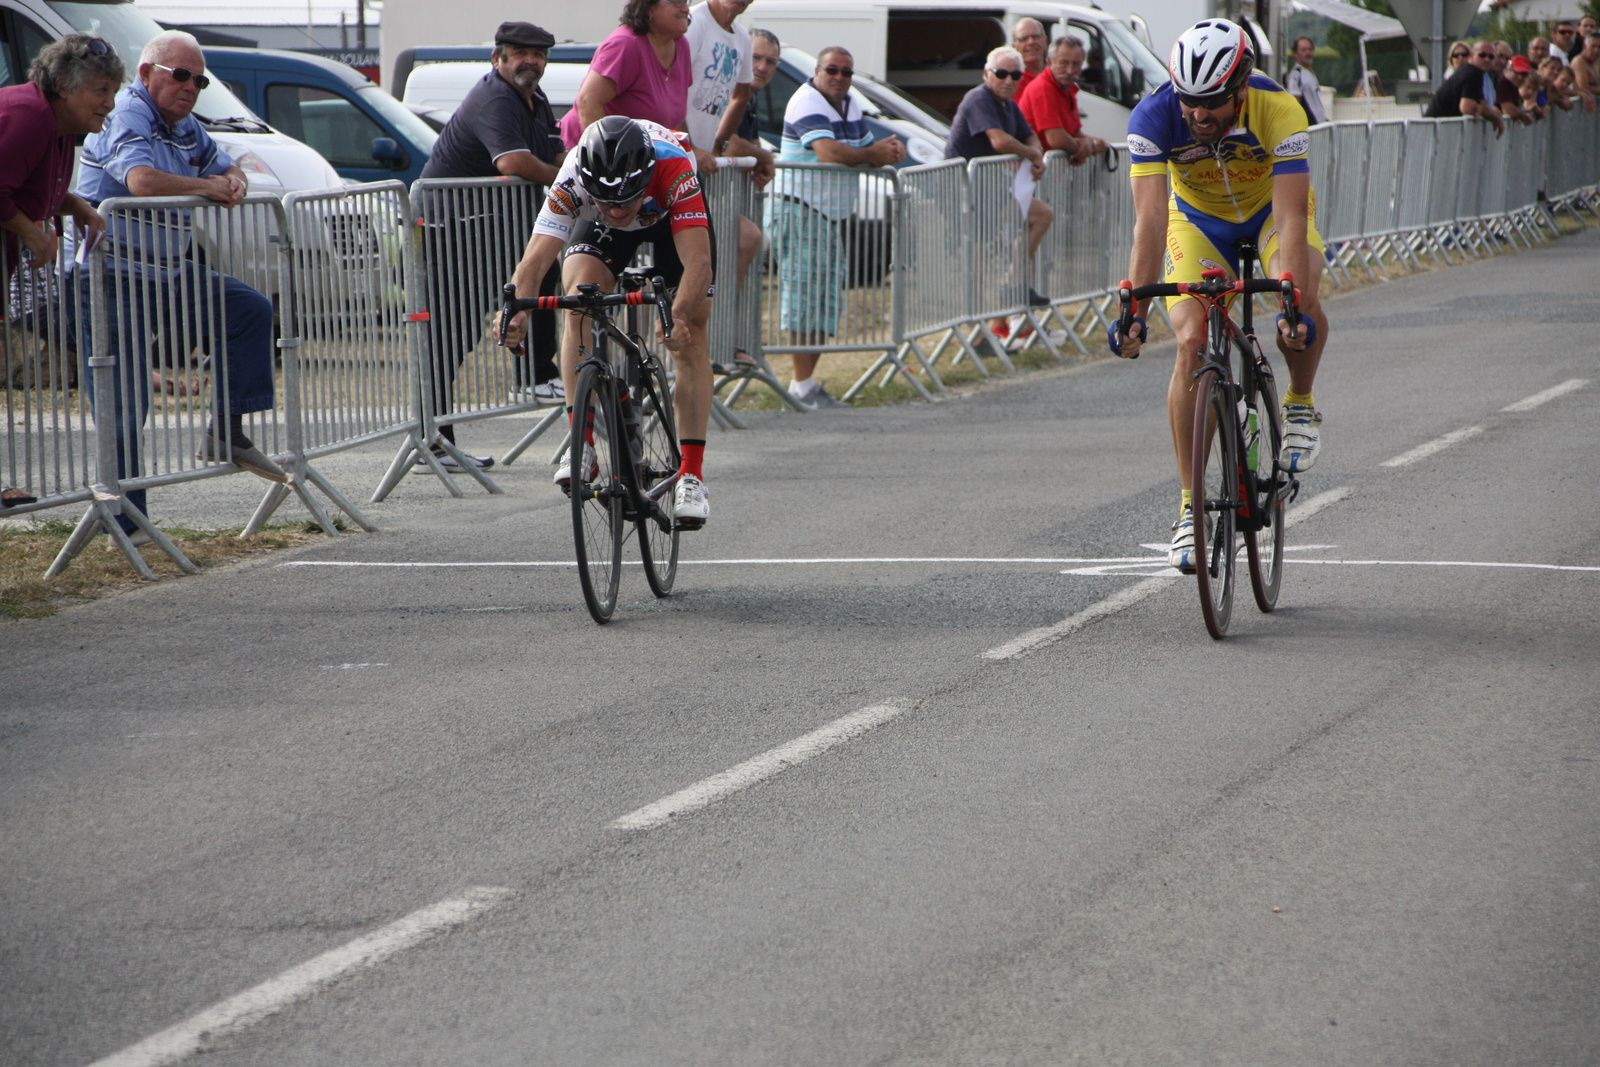 l'arrivée  au  sprint  du  groupe  de  tête  avec  la  victoire  de  Daniel  JURADO(NL), 2e  Stéphane  BOIRIVANT(NL)